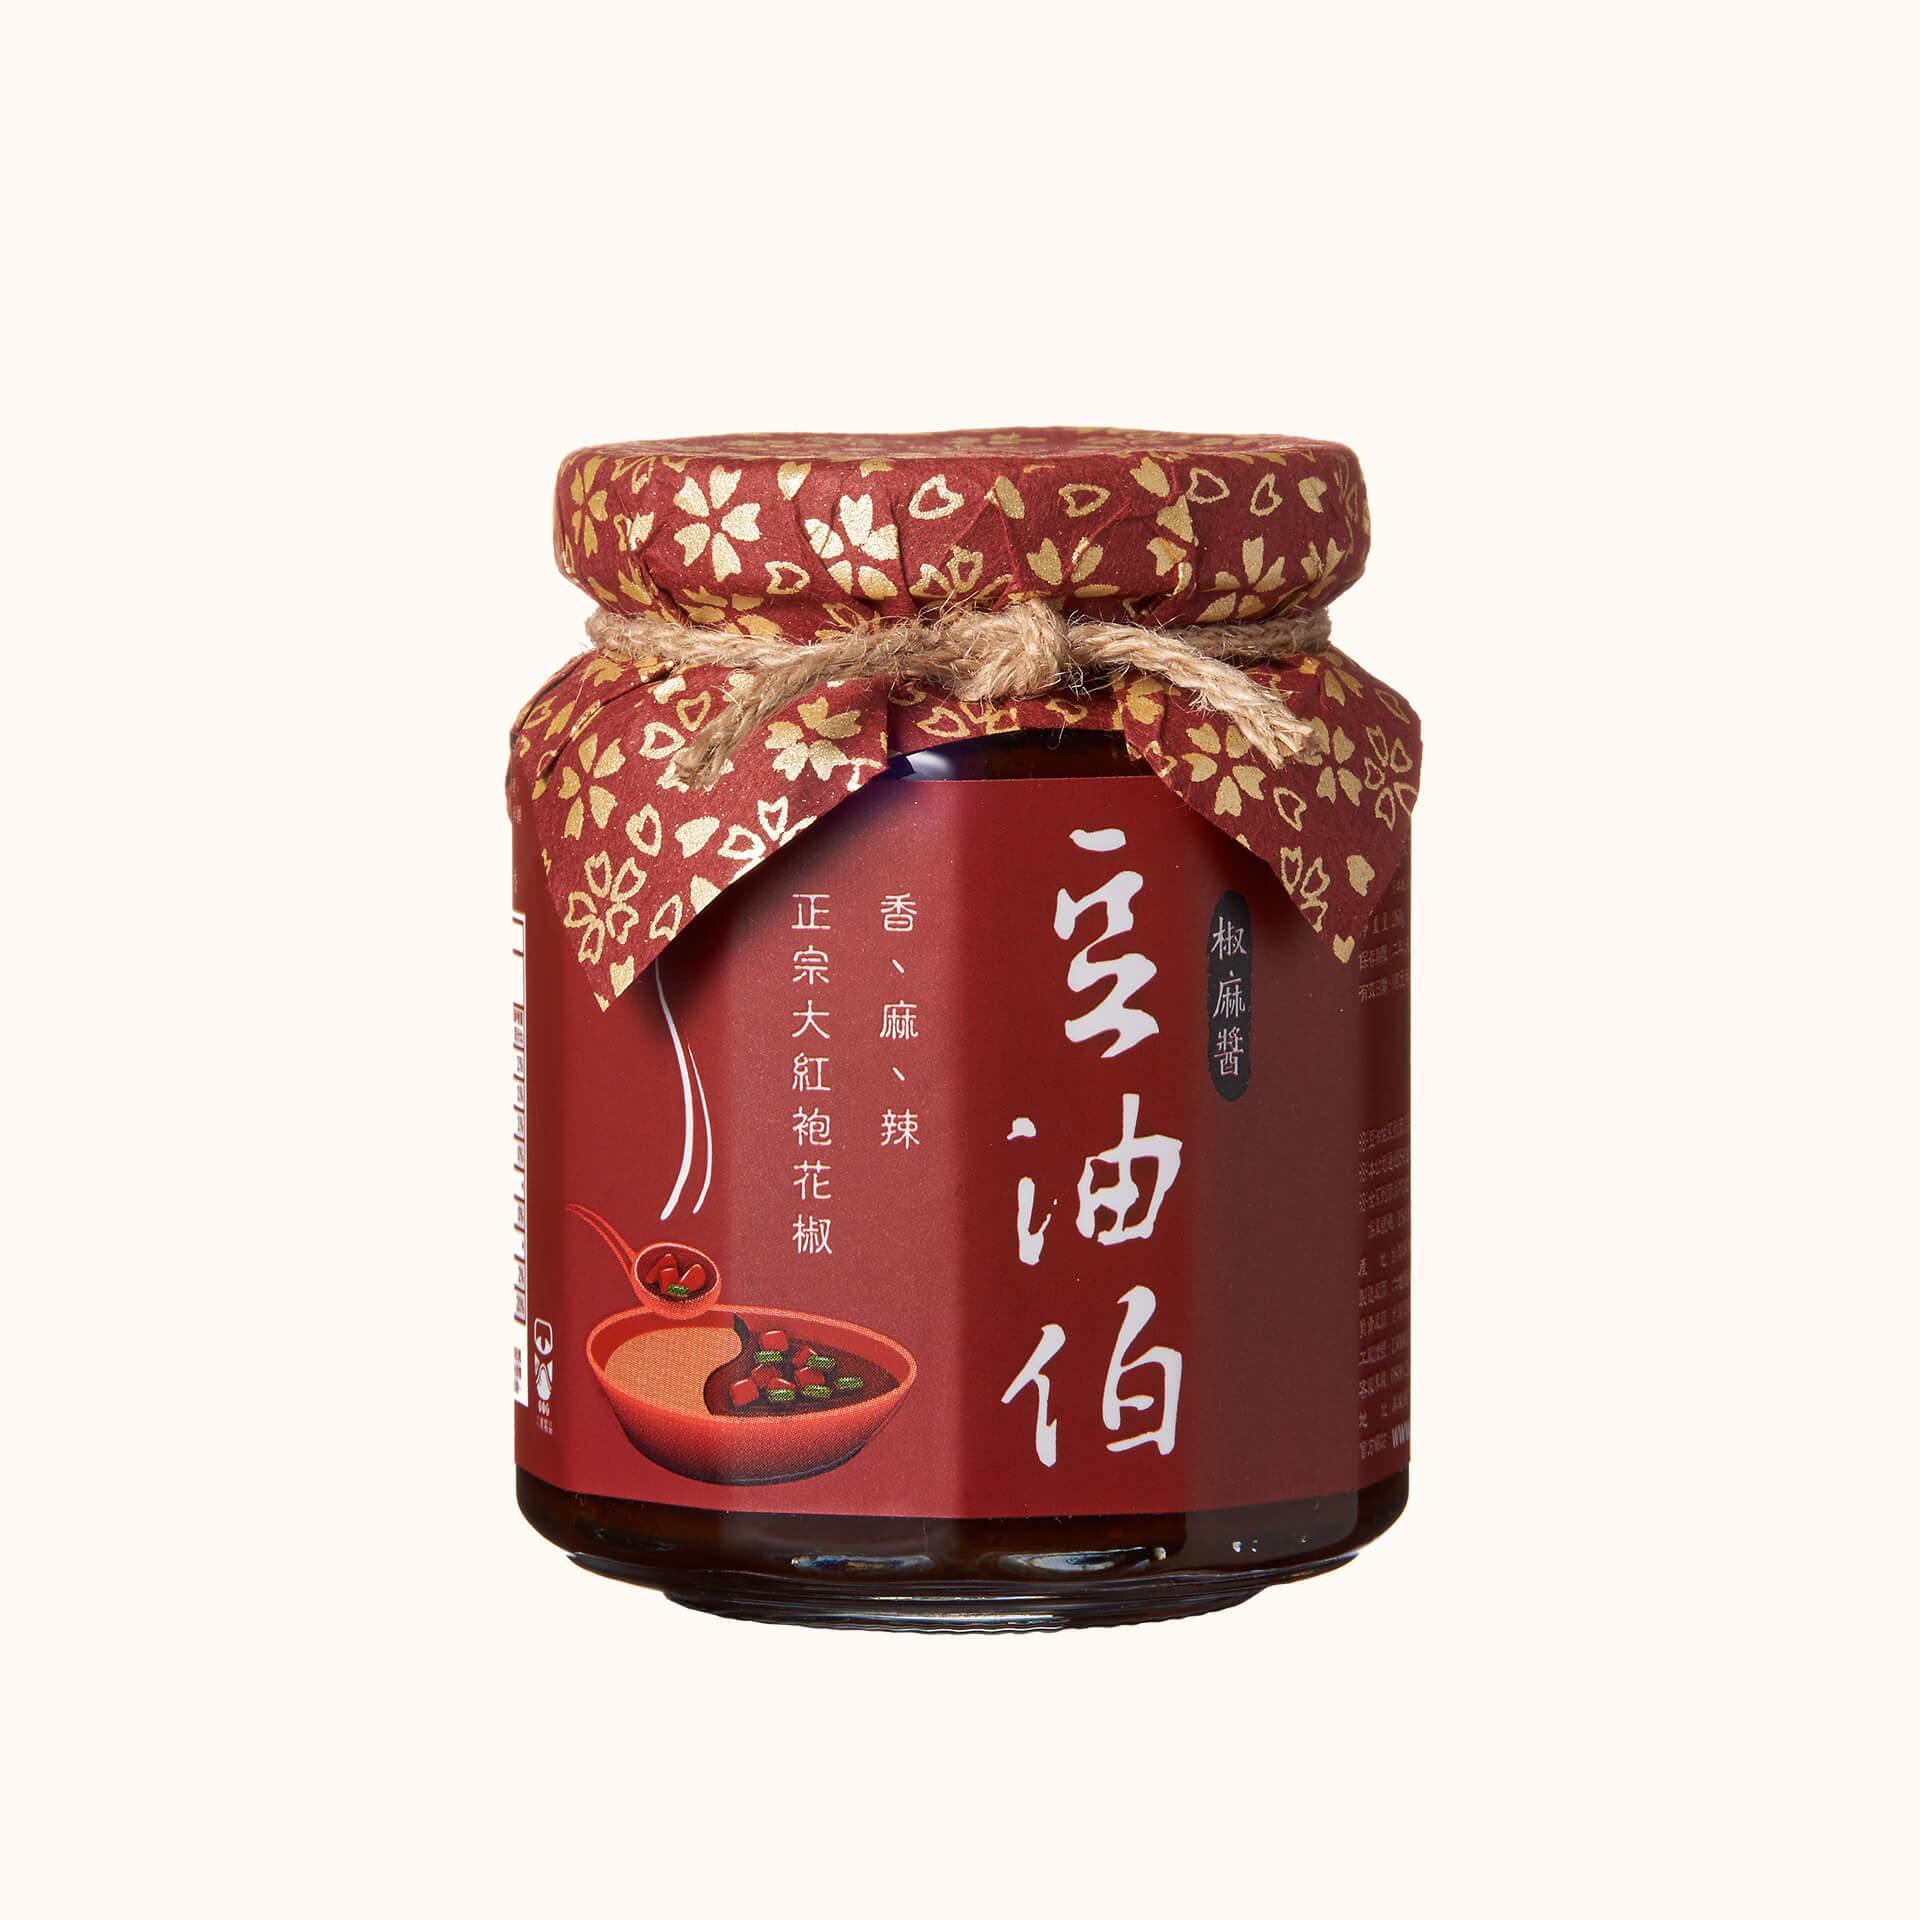 【短效品】豆油伯椒麻醬260g(有效期20210312)